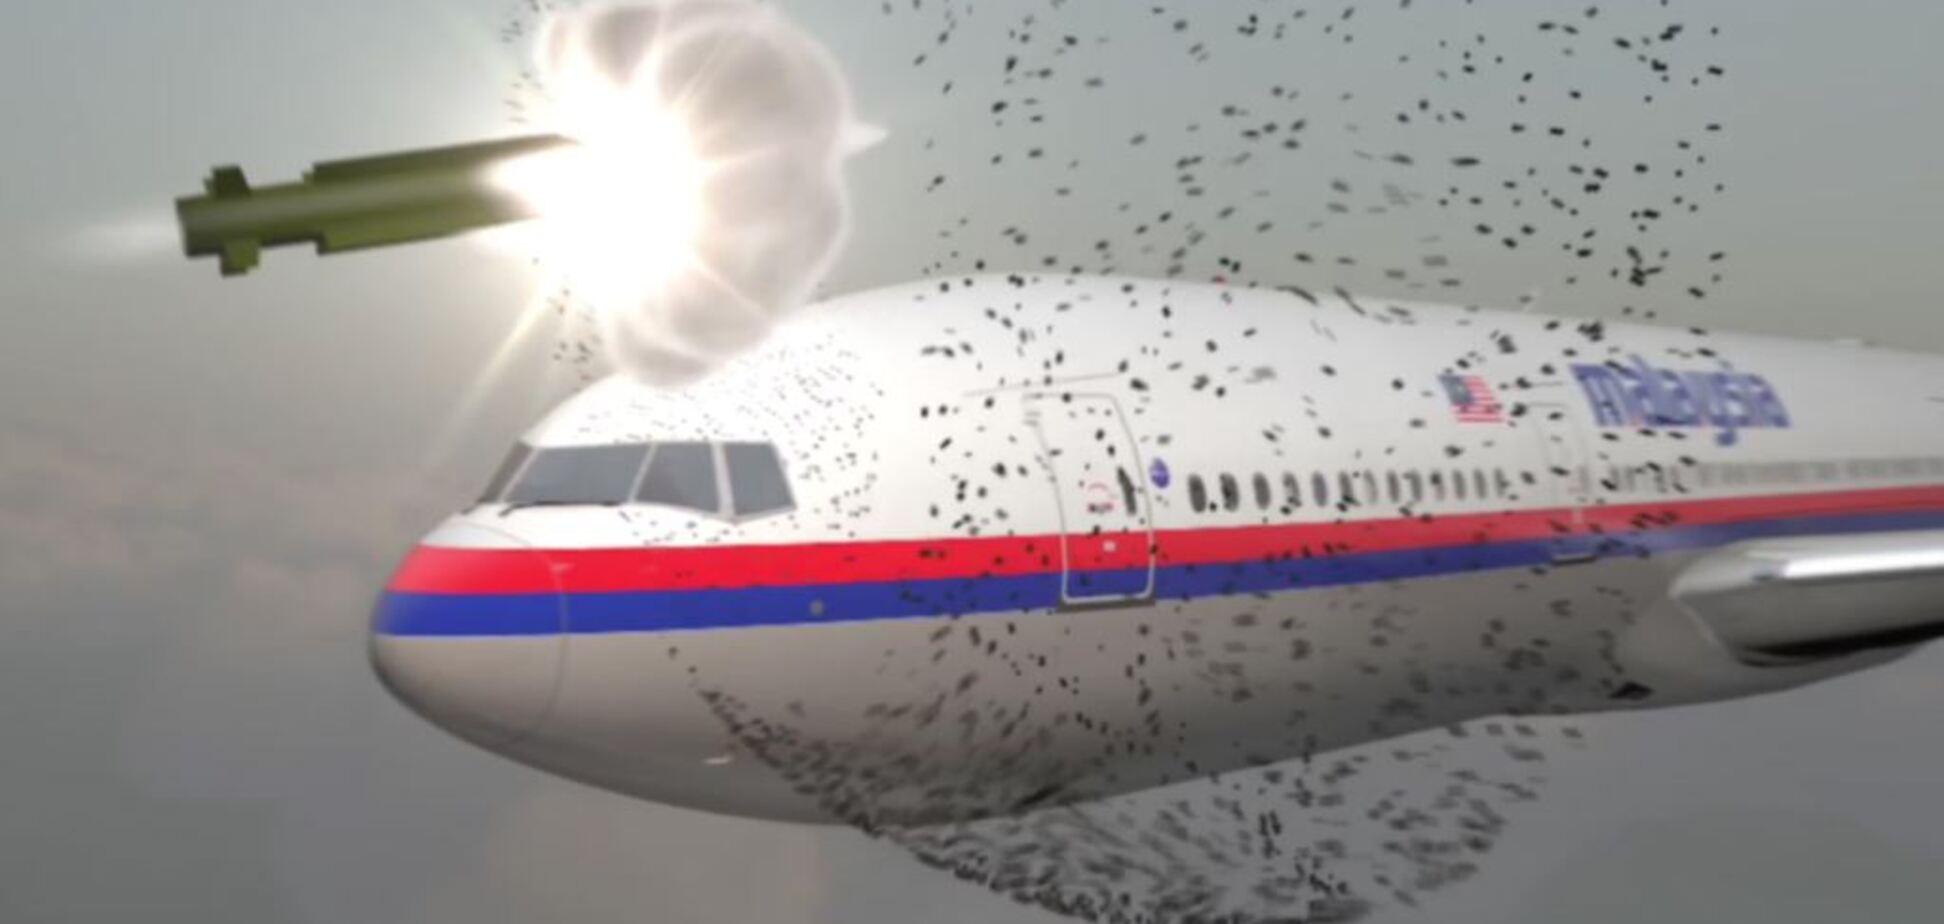 Катастрофа MH17: появились новые доказательства причастности России